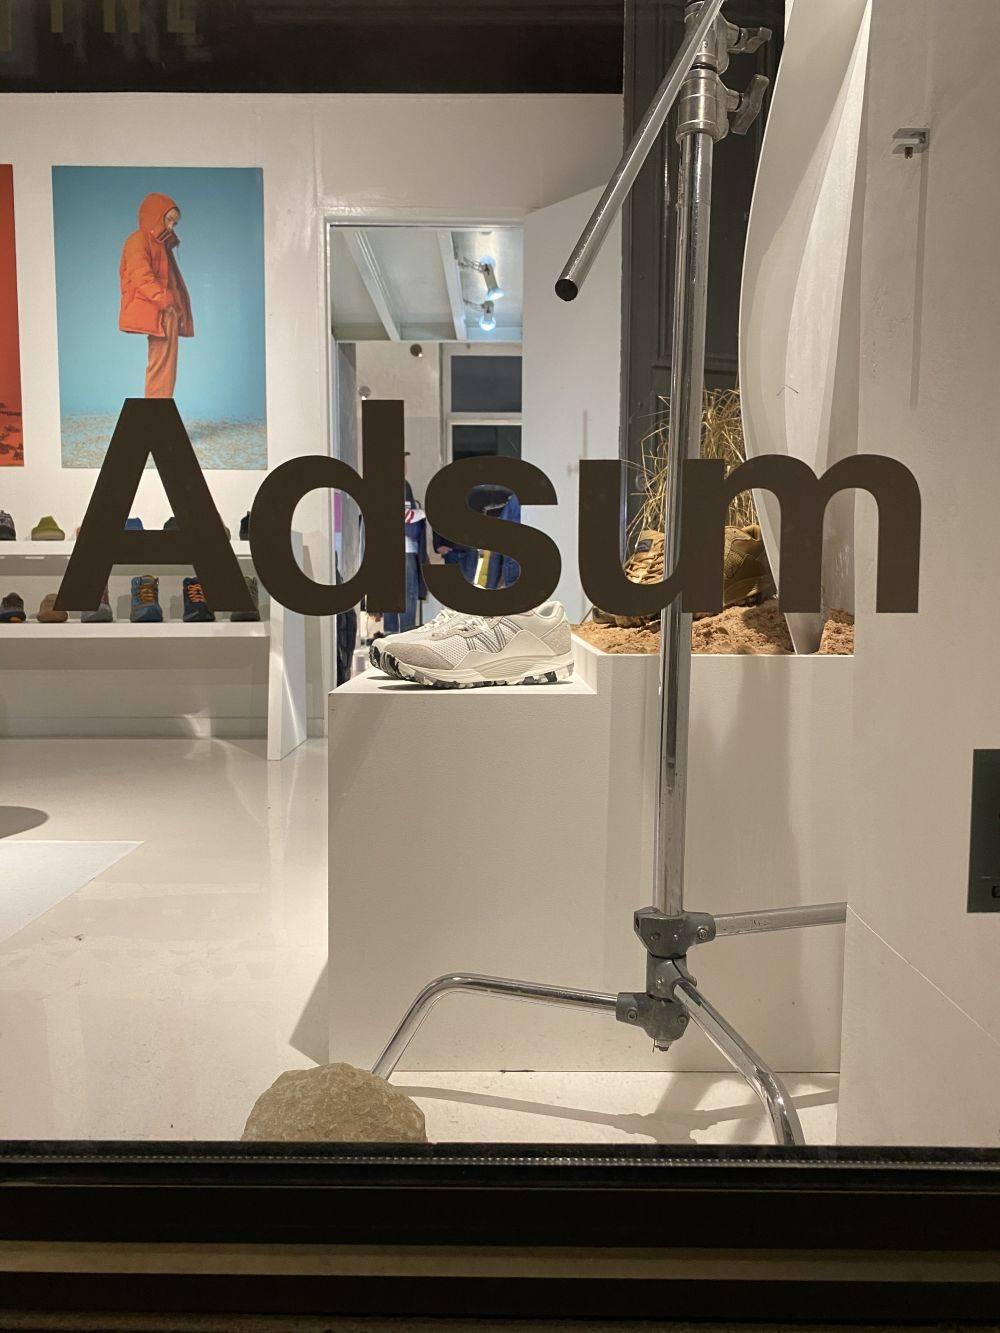 Adsum at the AW20 show